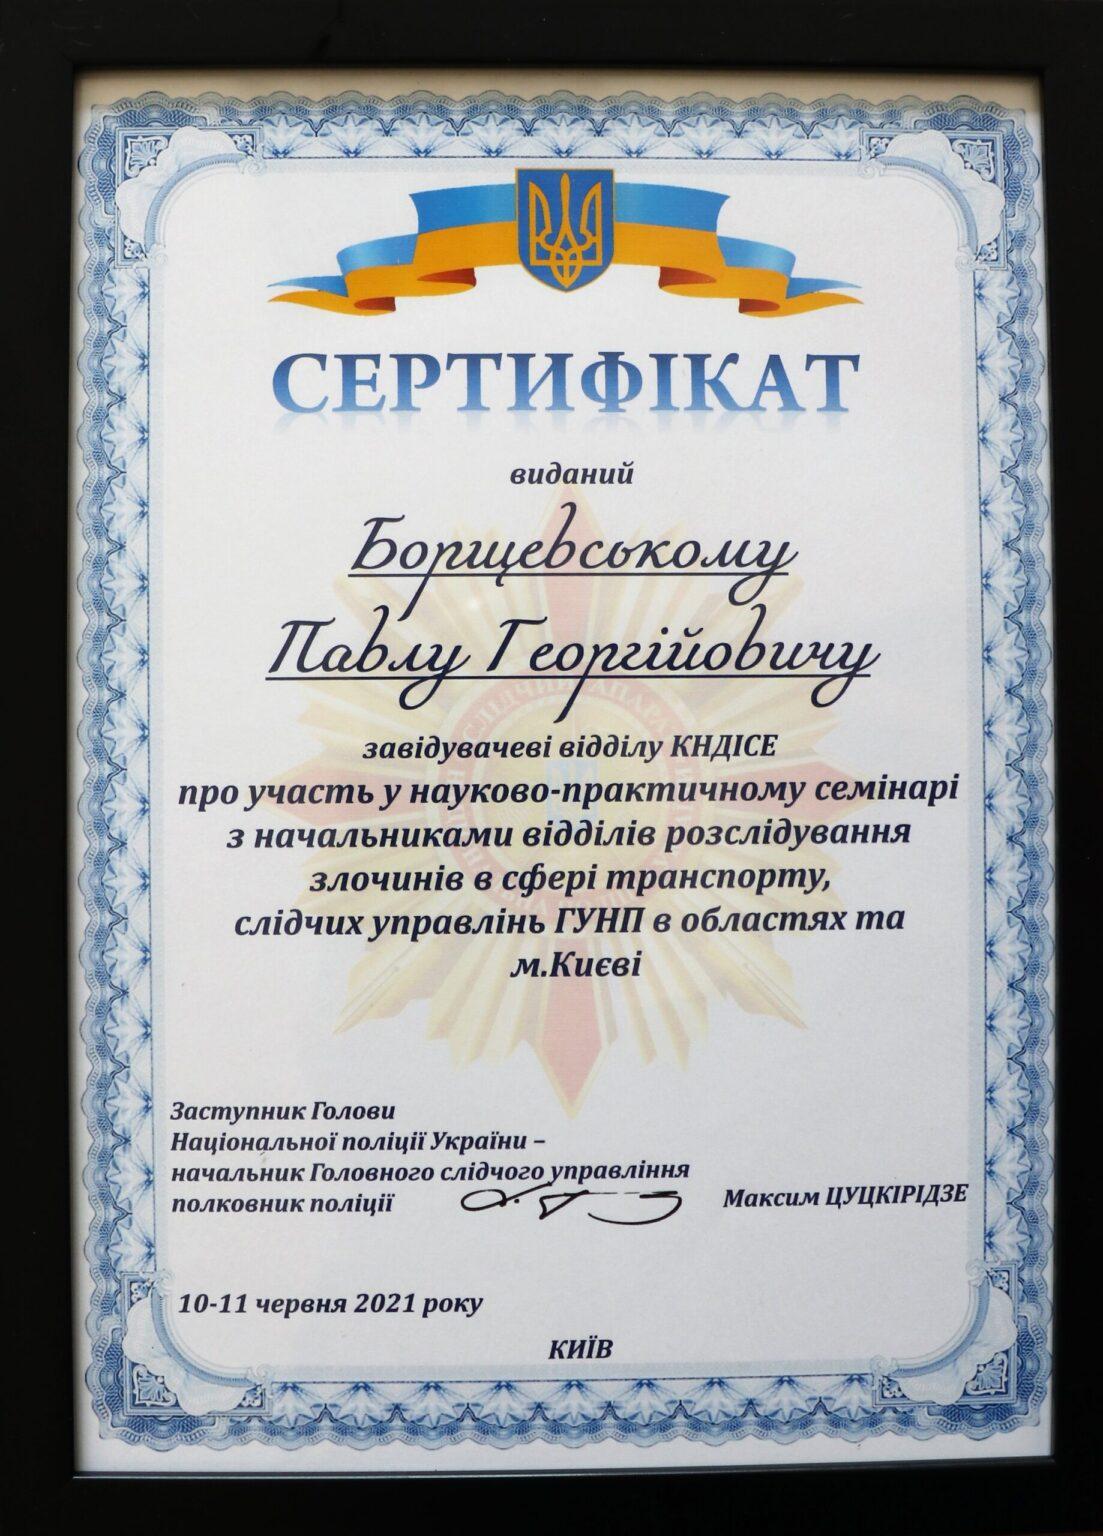 Експерти КНДІСЕ провели лекційні заняття для працівників Національної поліції України